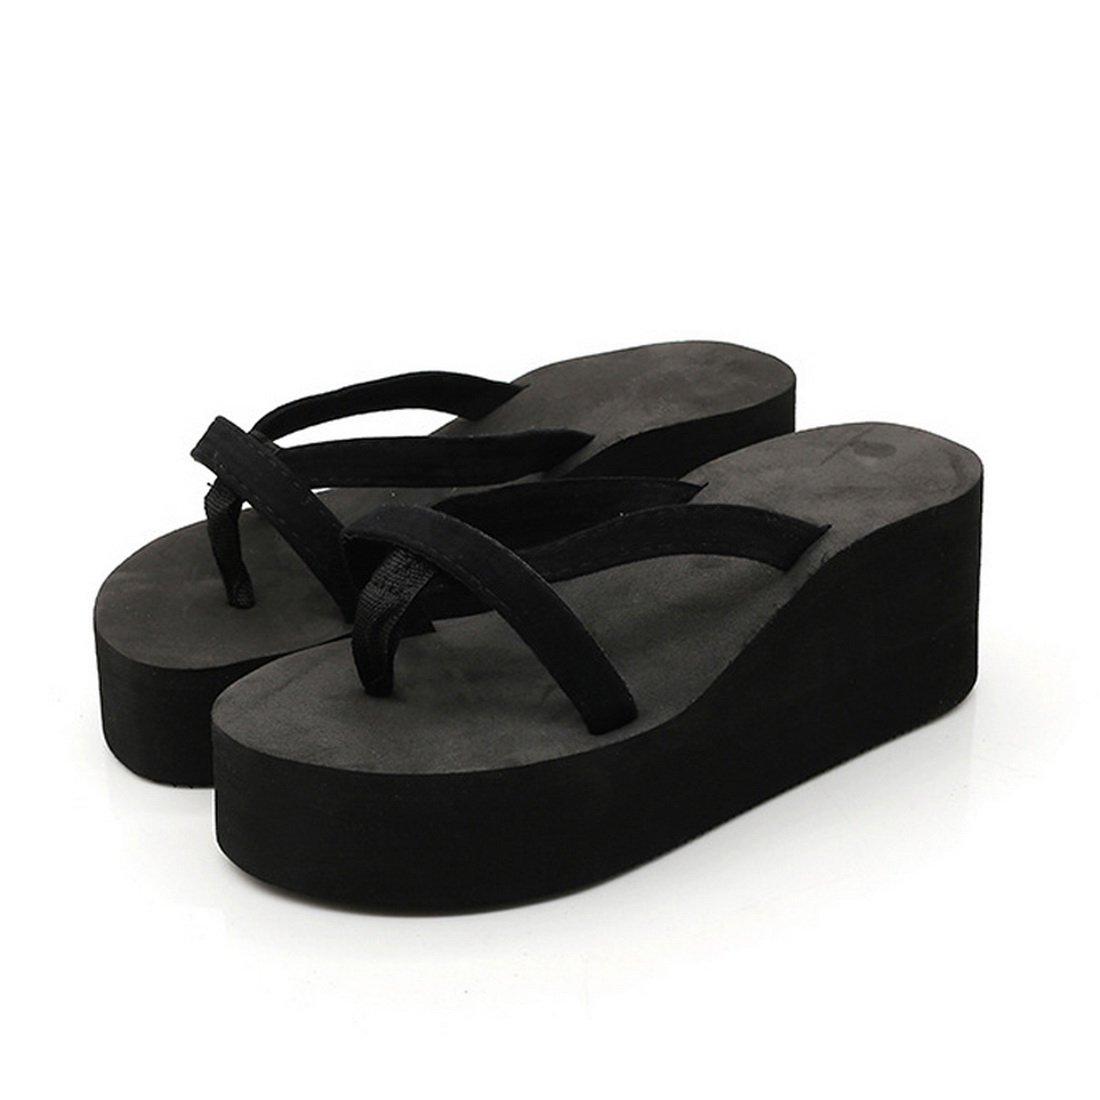 Dihope Femme Tongs /Ét/é Chaussons /à Talons Hauts Sandales Pantoufle Flip-Flop Clip Toe Shoes Mode Chaussures de Plage Compens/é pour Maison Vacances